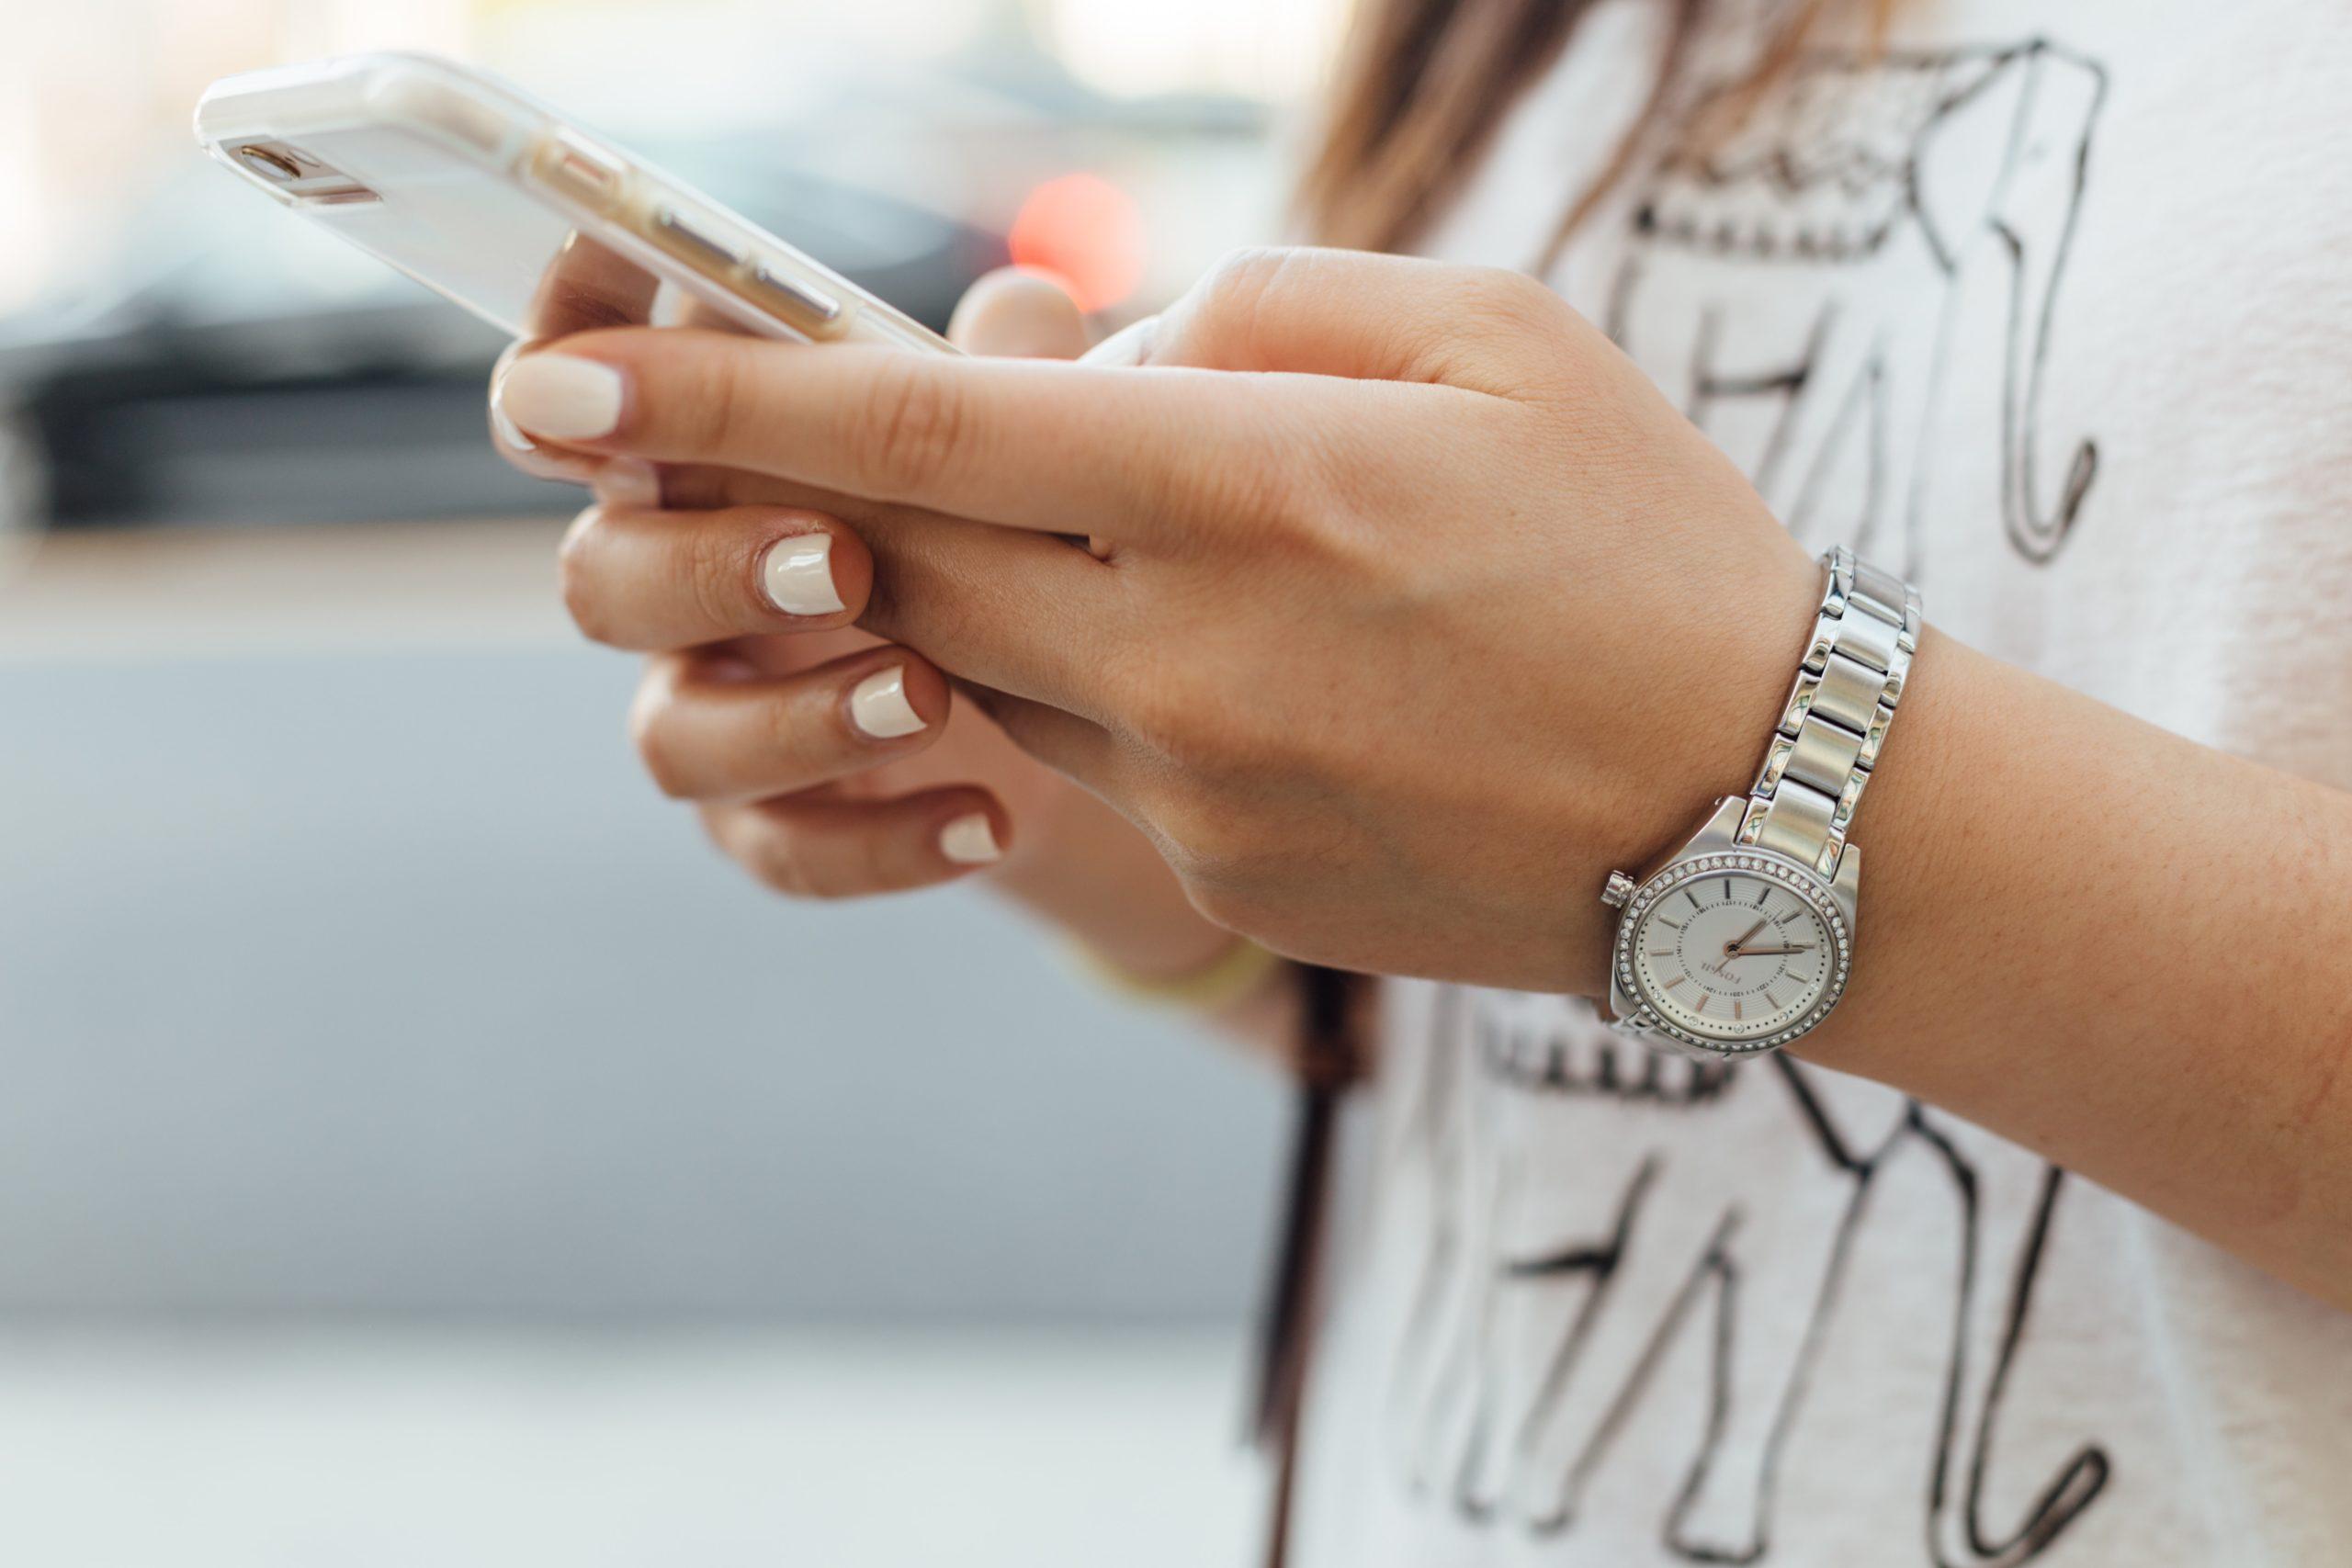 Hände einer jungen Frau, die auf einem Handy tippt